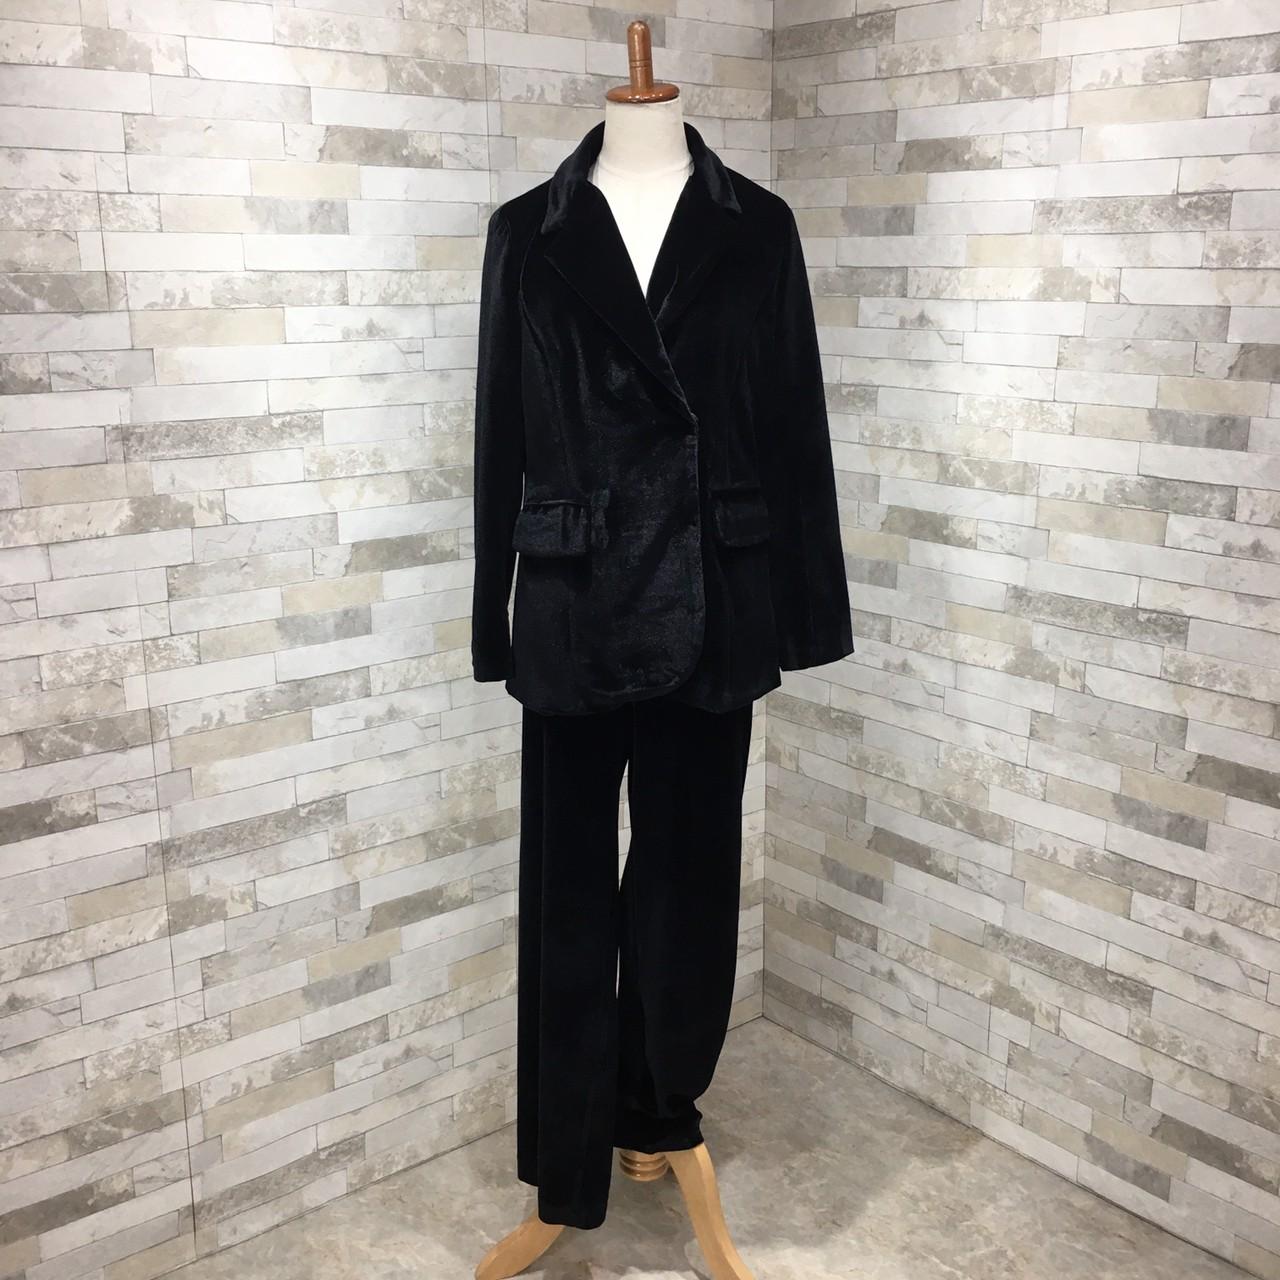 【即納】韓国 ファッション パンツ セットアップ パーティードレス 結婚式 お呼ばれドレス 秋 冬 パーティー ブライダル SPTXH554  起毛 ドレープ テーラードジャ 二次会 セレブ きれいめの写真9枚目